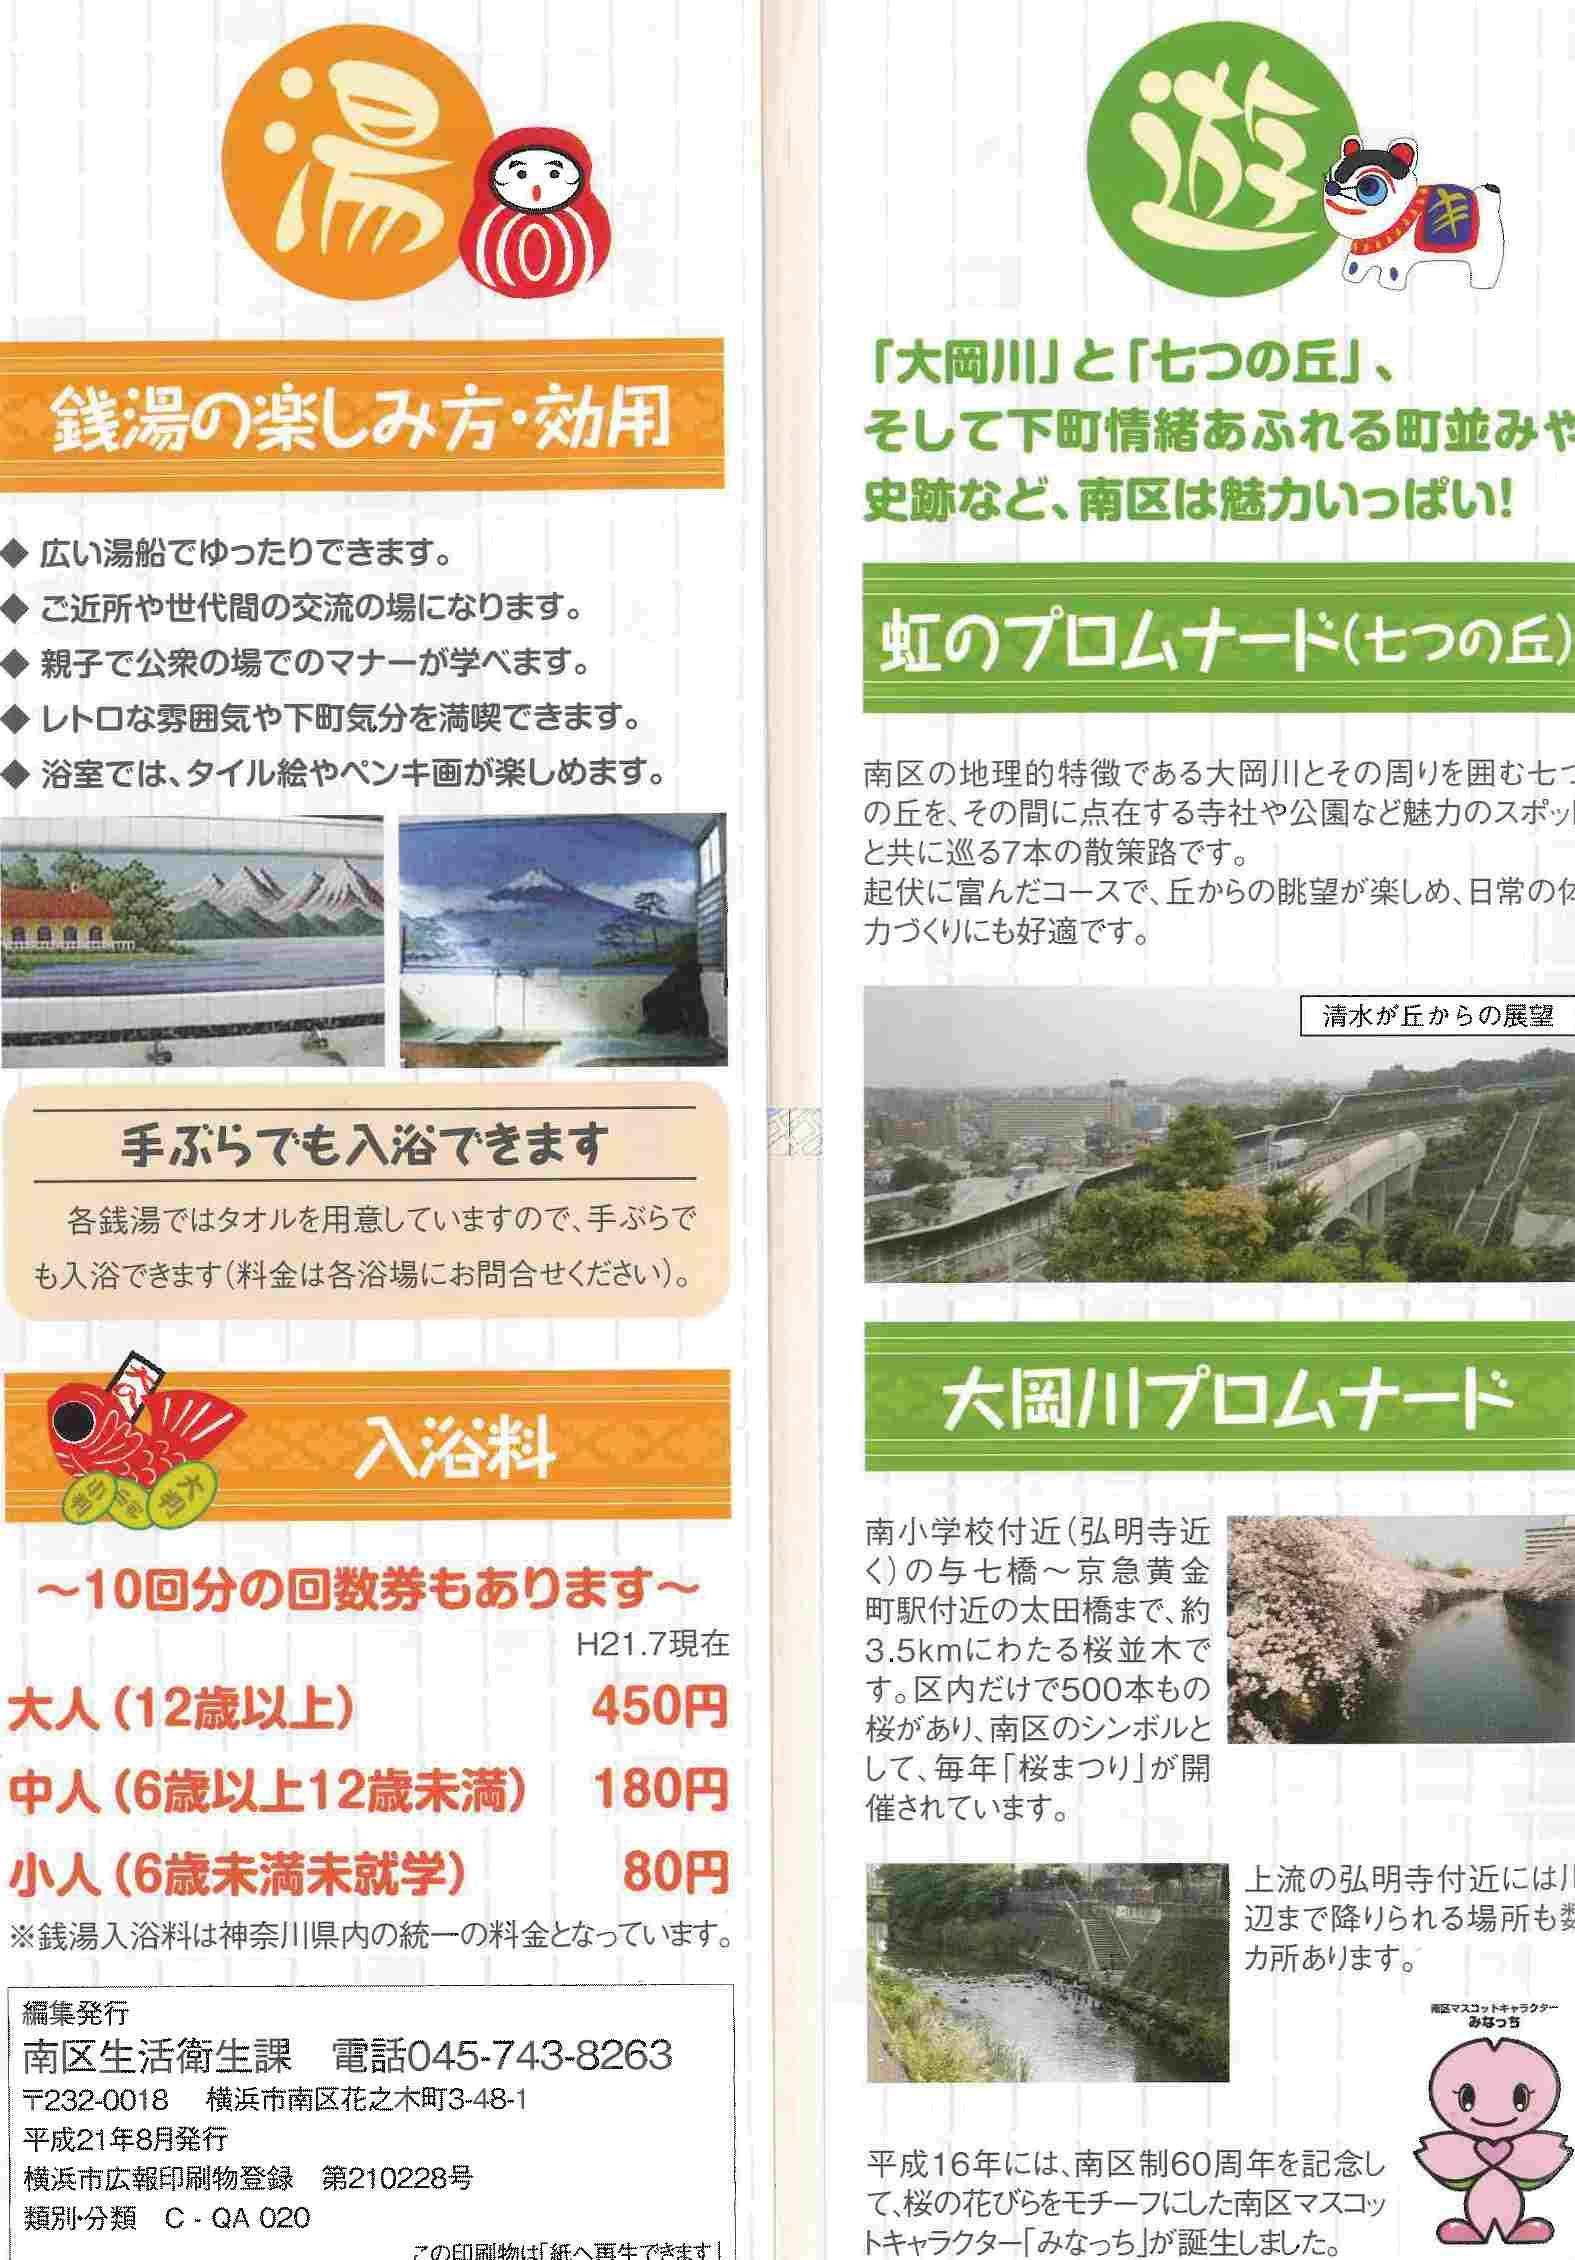 http://k-o-i.jp/entry-image/20090810172820425002.jpg